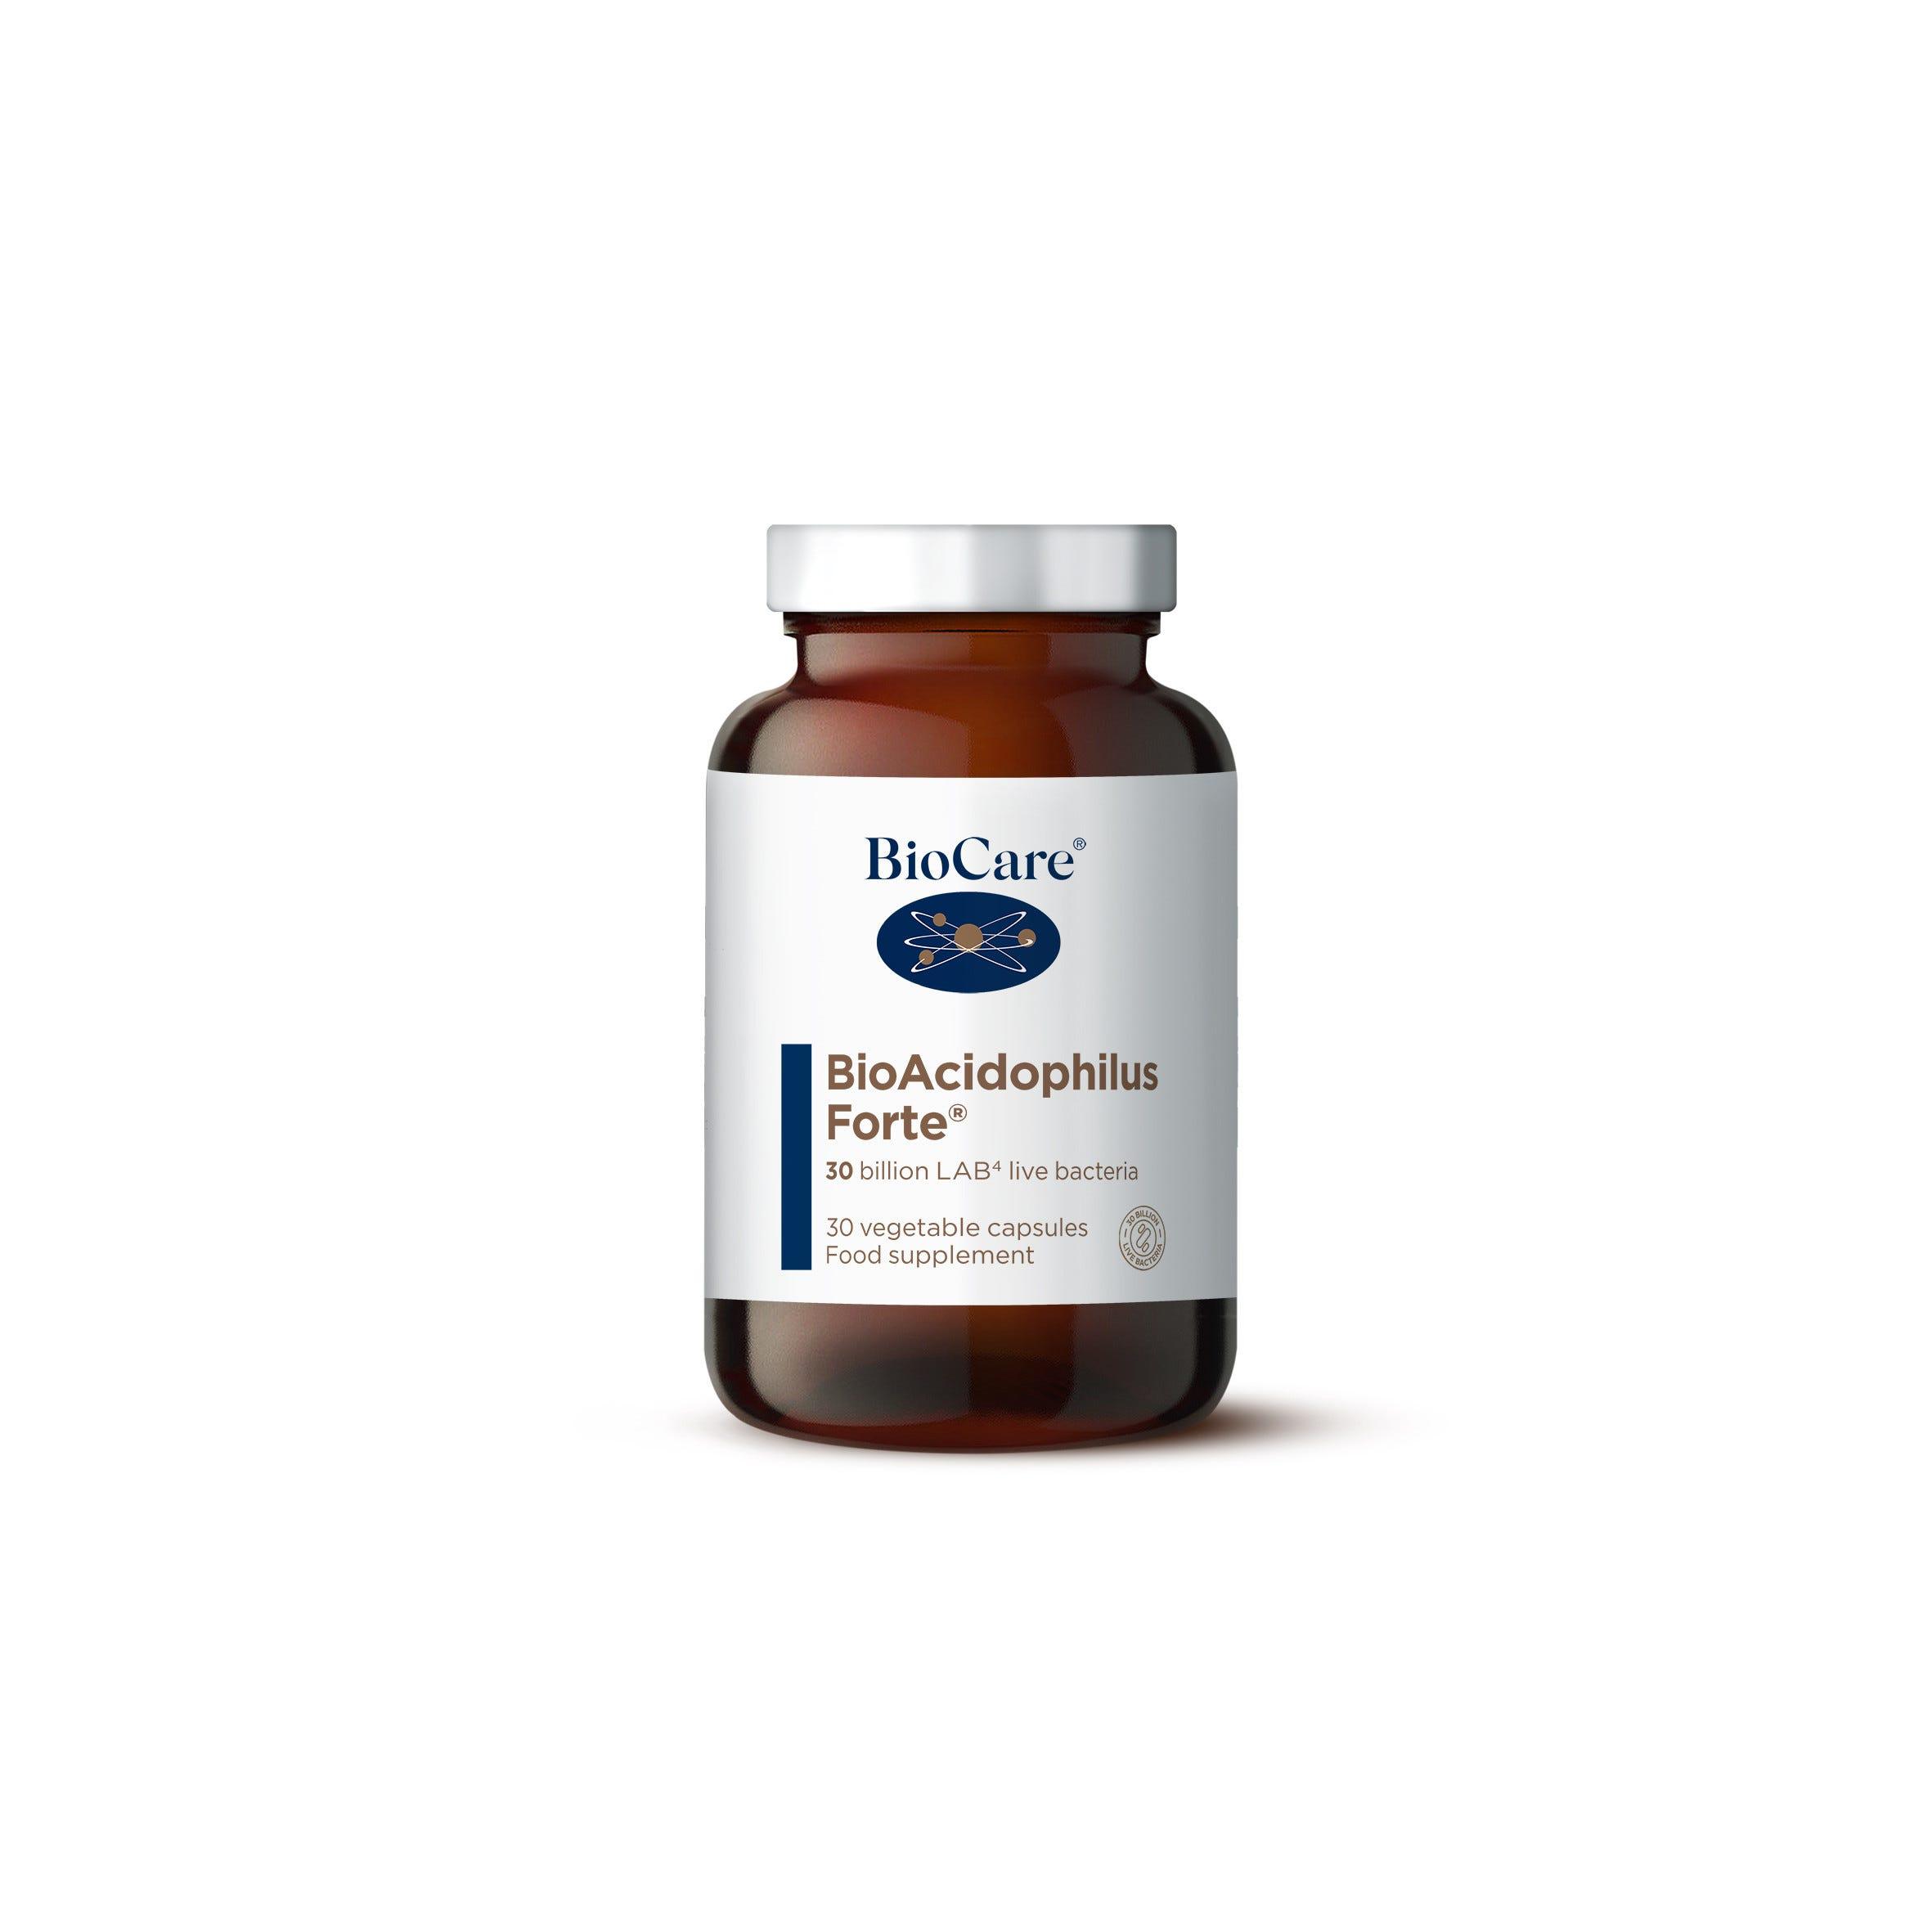 BioAcidophilus Forte 30 Caps